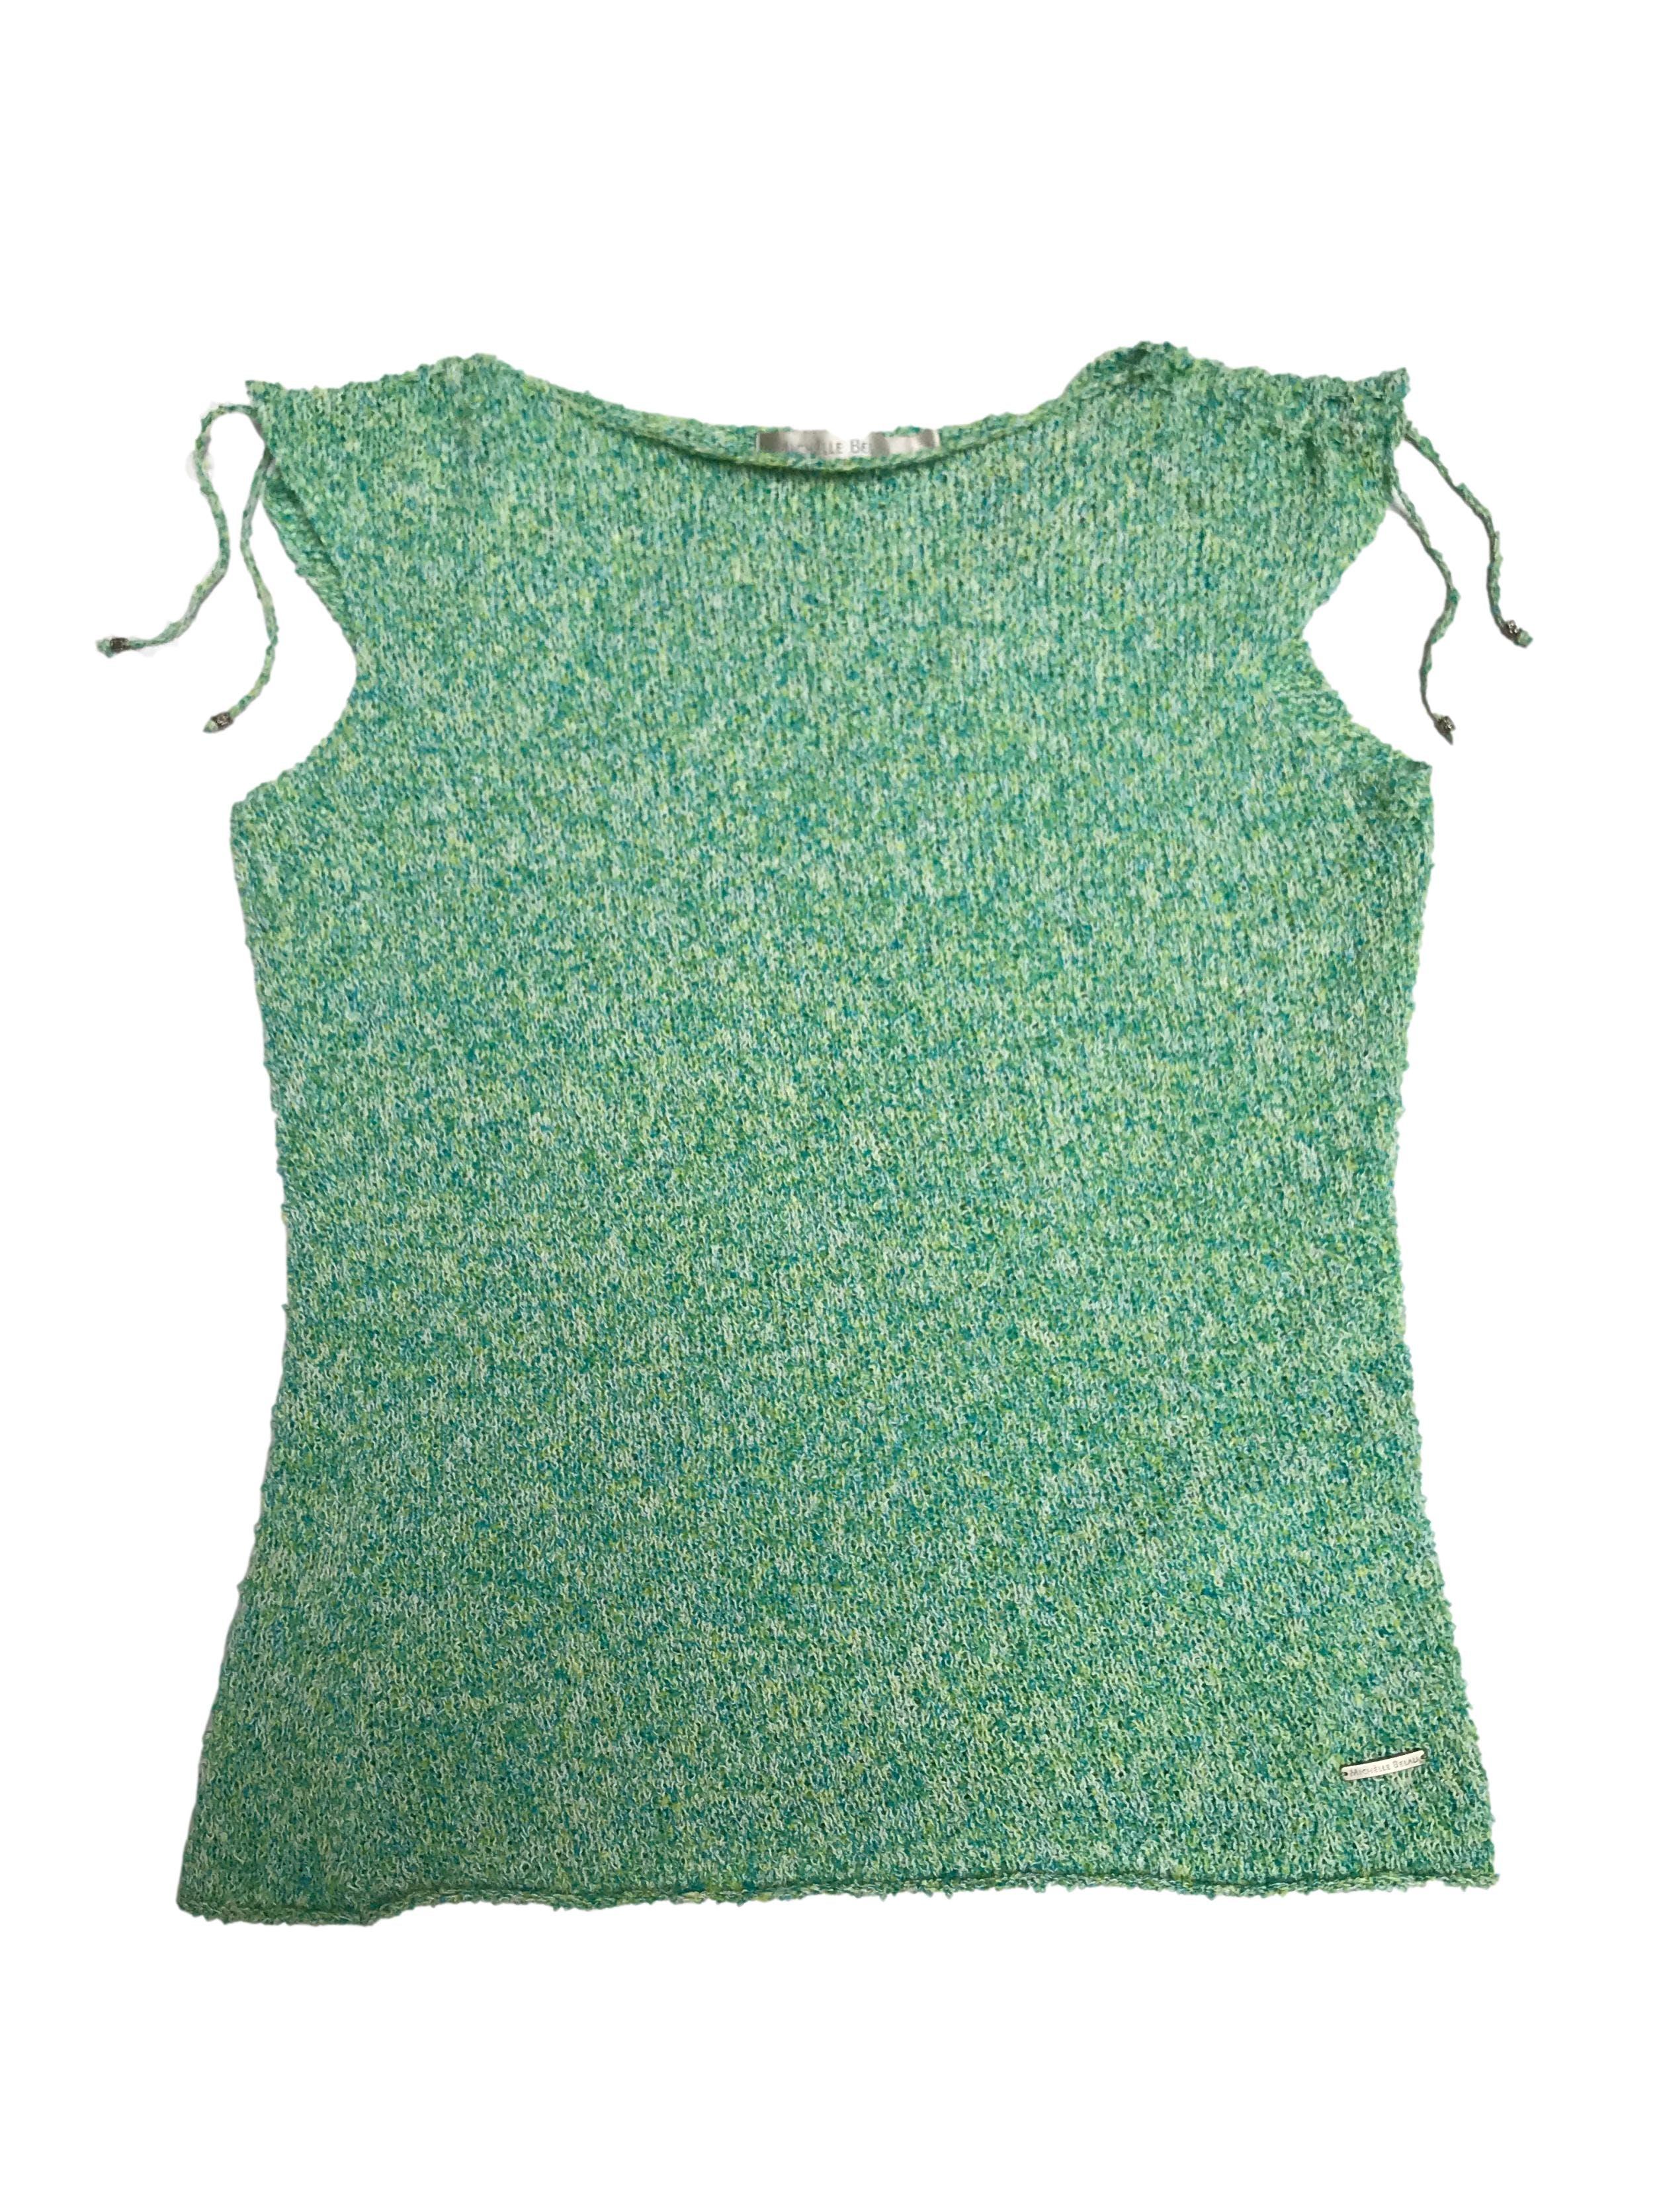 Polo tejido Michelle belau verde jaspeado con tiras para amarrar en los hombros